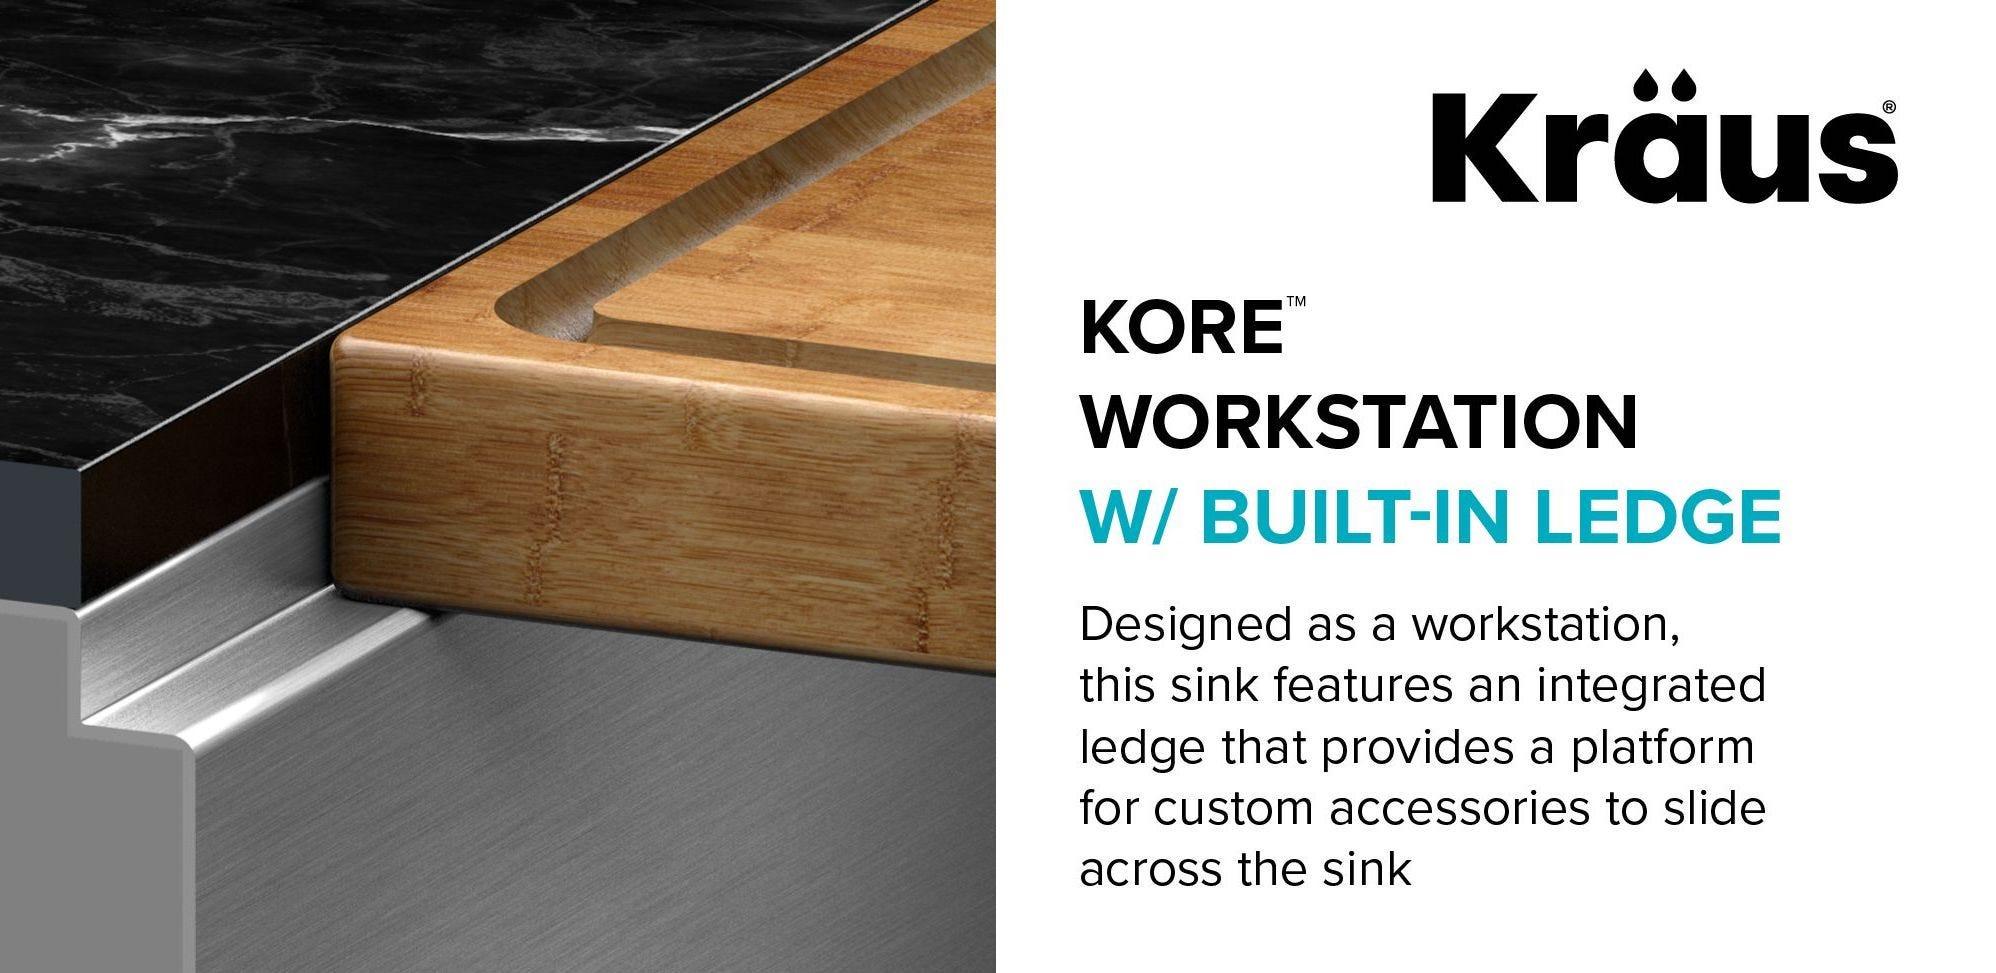 Kraus-built-in-ledge